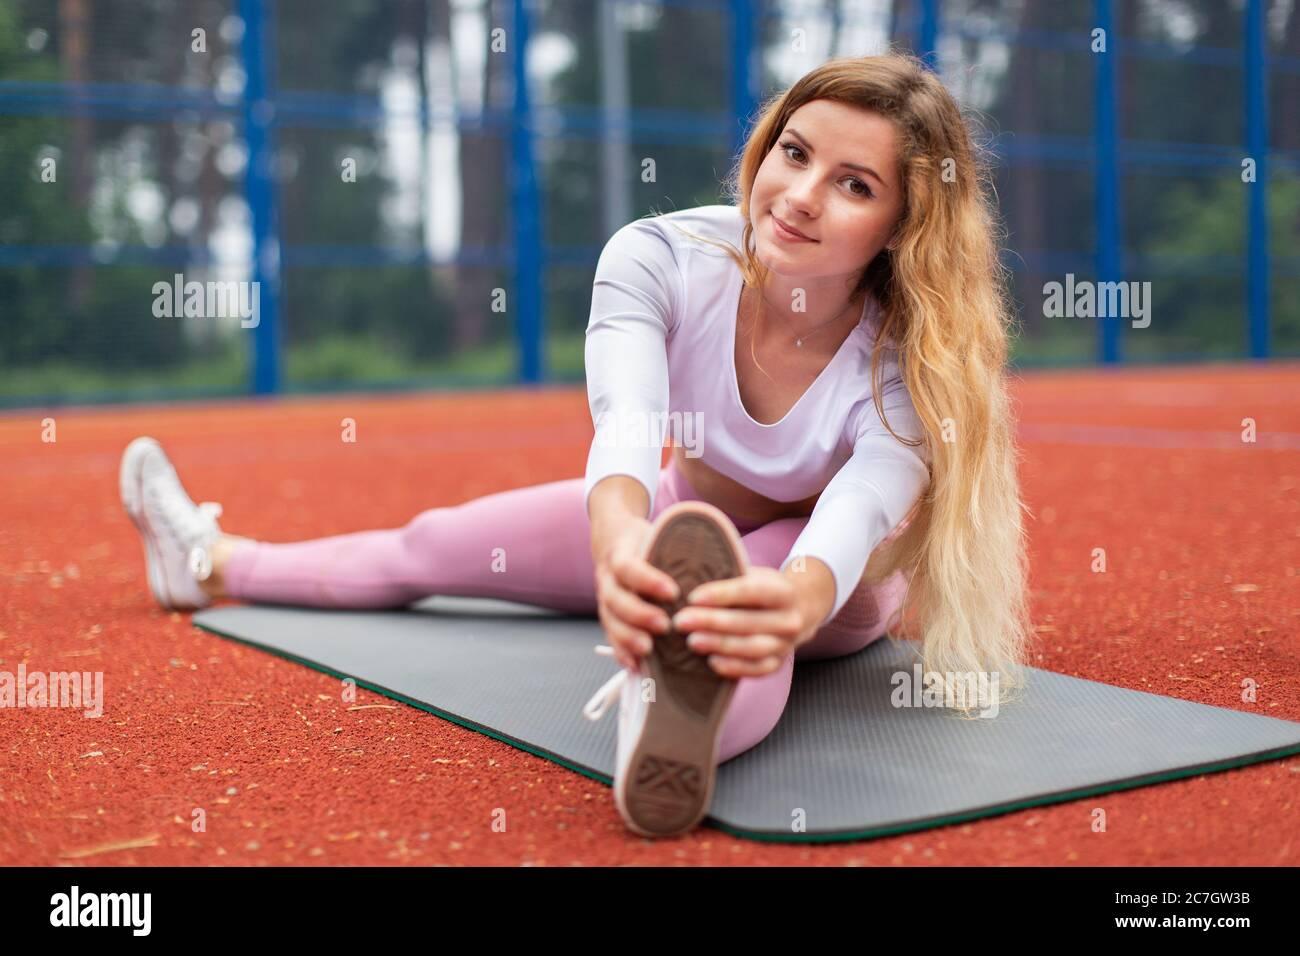 Retrato de una mujer rubia sonriente atractiva estirándose antes de la aptitud y el yoga. Mujer en rosa sportswear haciendo ejercicio de estiramiento, sentada en la estera Foto de stock